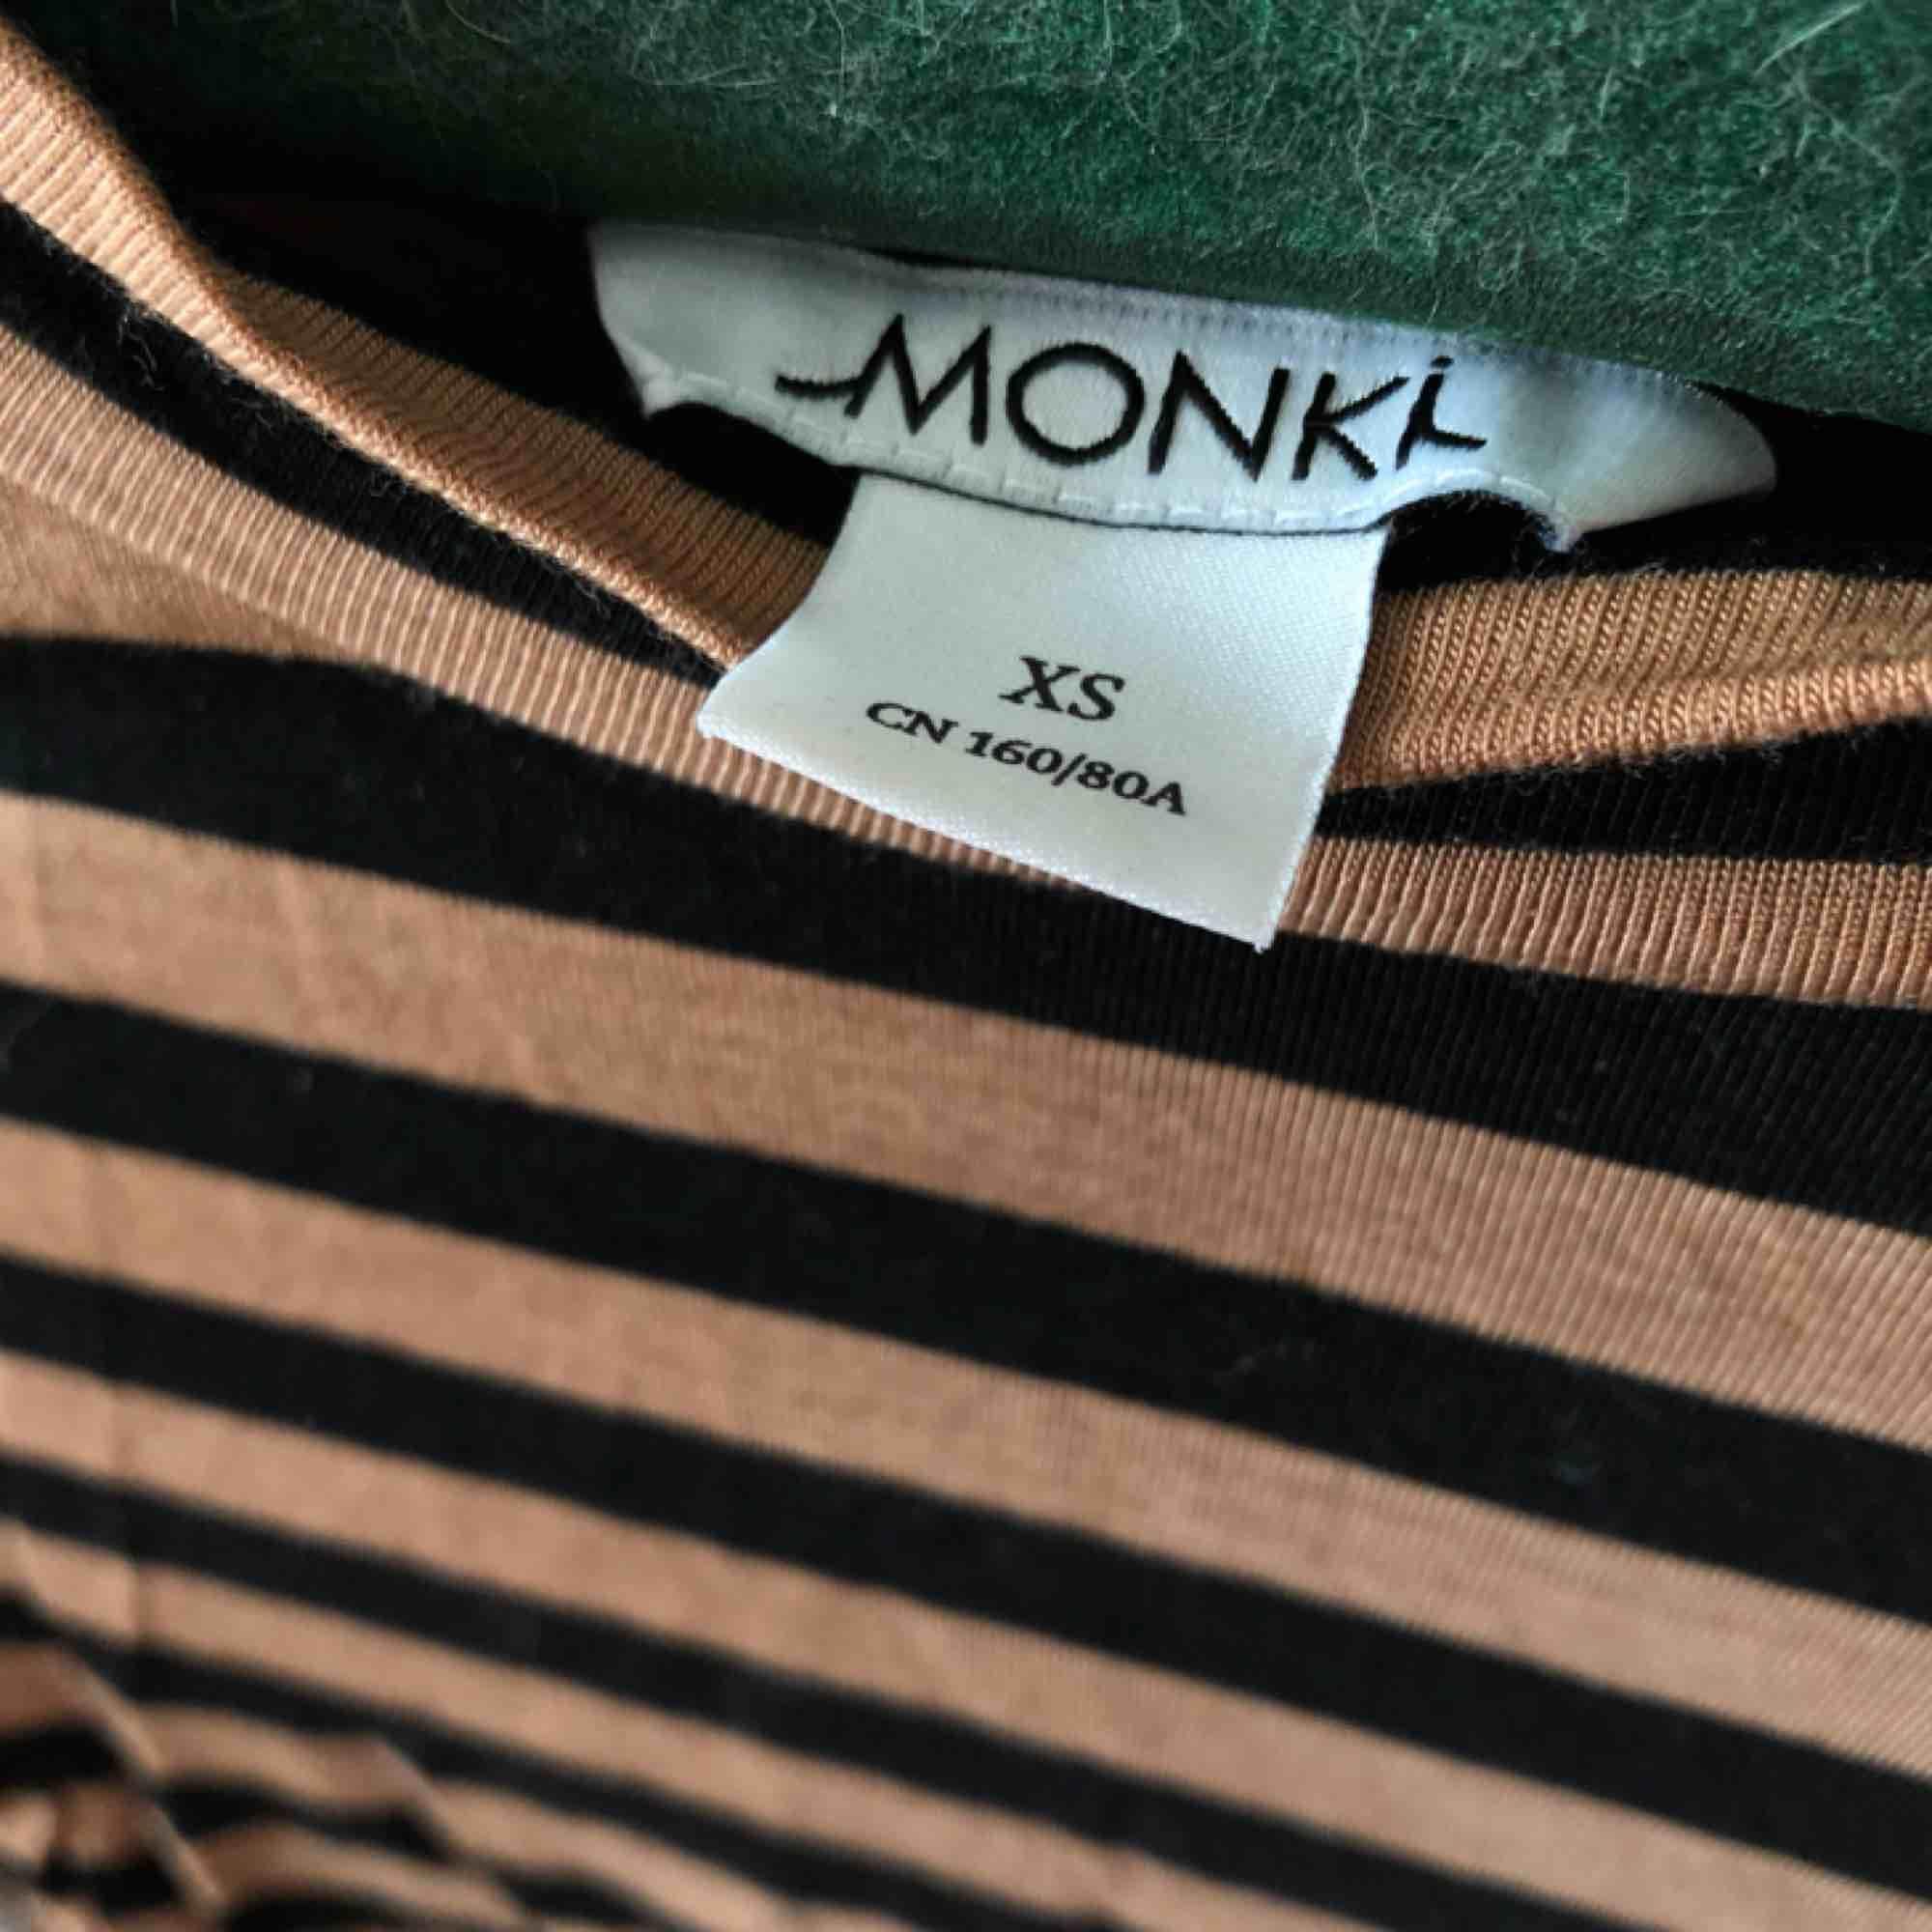 Finaste toppen, svart/brun randig och sådär riktigt tunn & skön på | • Monki • Storlek XS, true to size • 95% lyocell & 5% elastan • Knappt använd, superfint skick • + Frakt 42kr . Toppar.